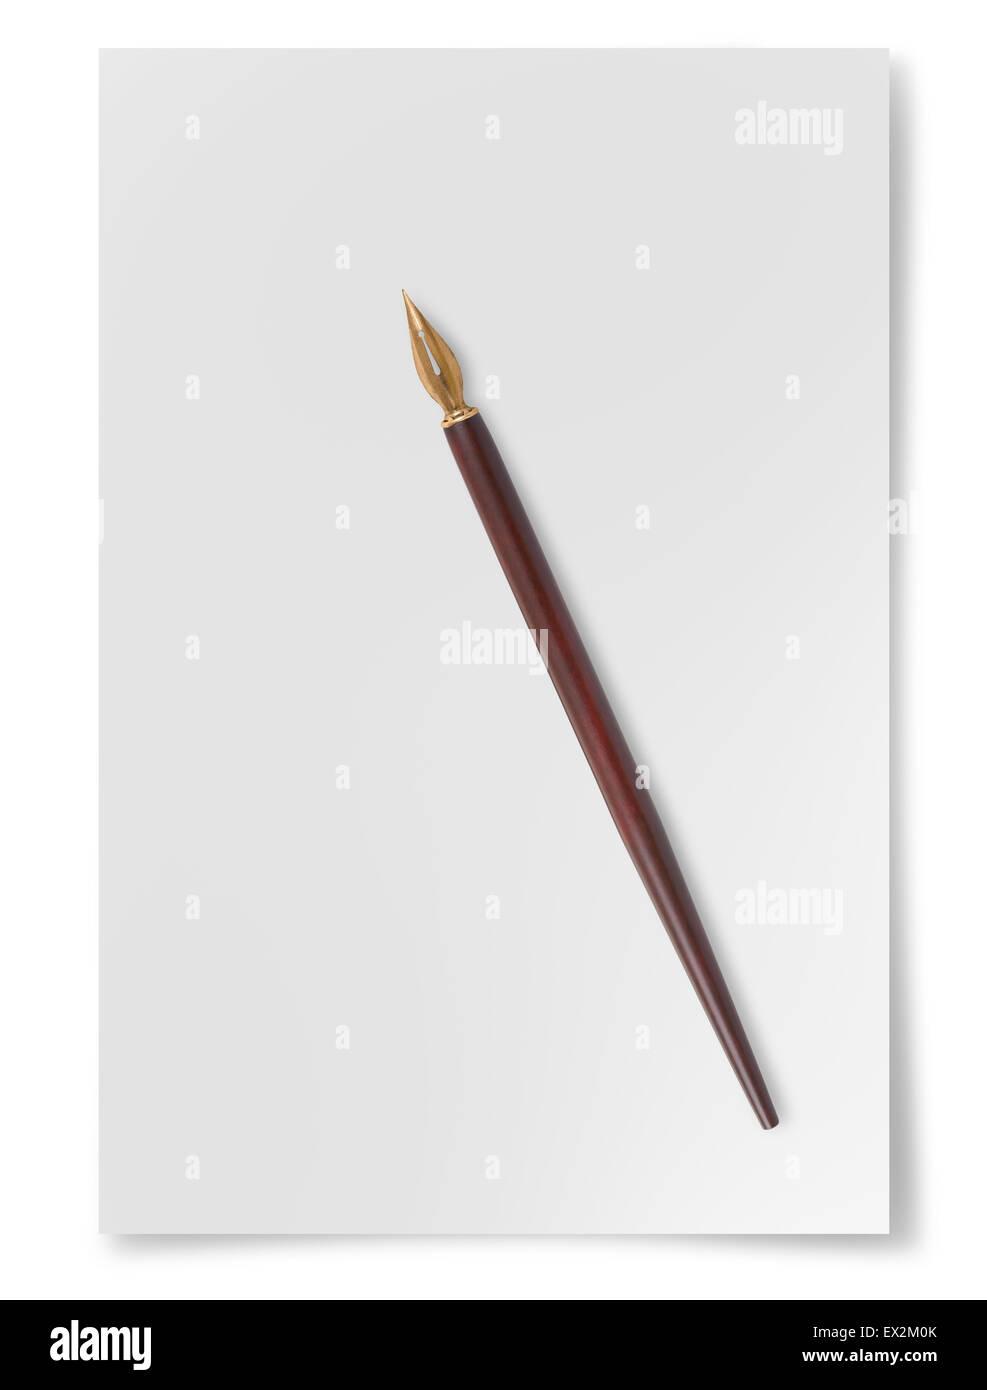 Foglio di carta con il pennino isolati su sfondo bianco Foto Stock